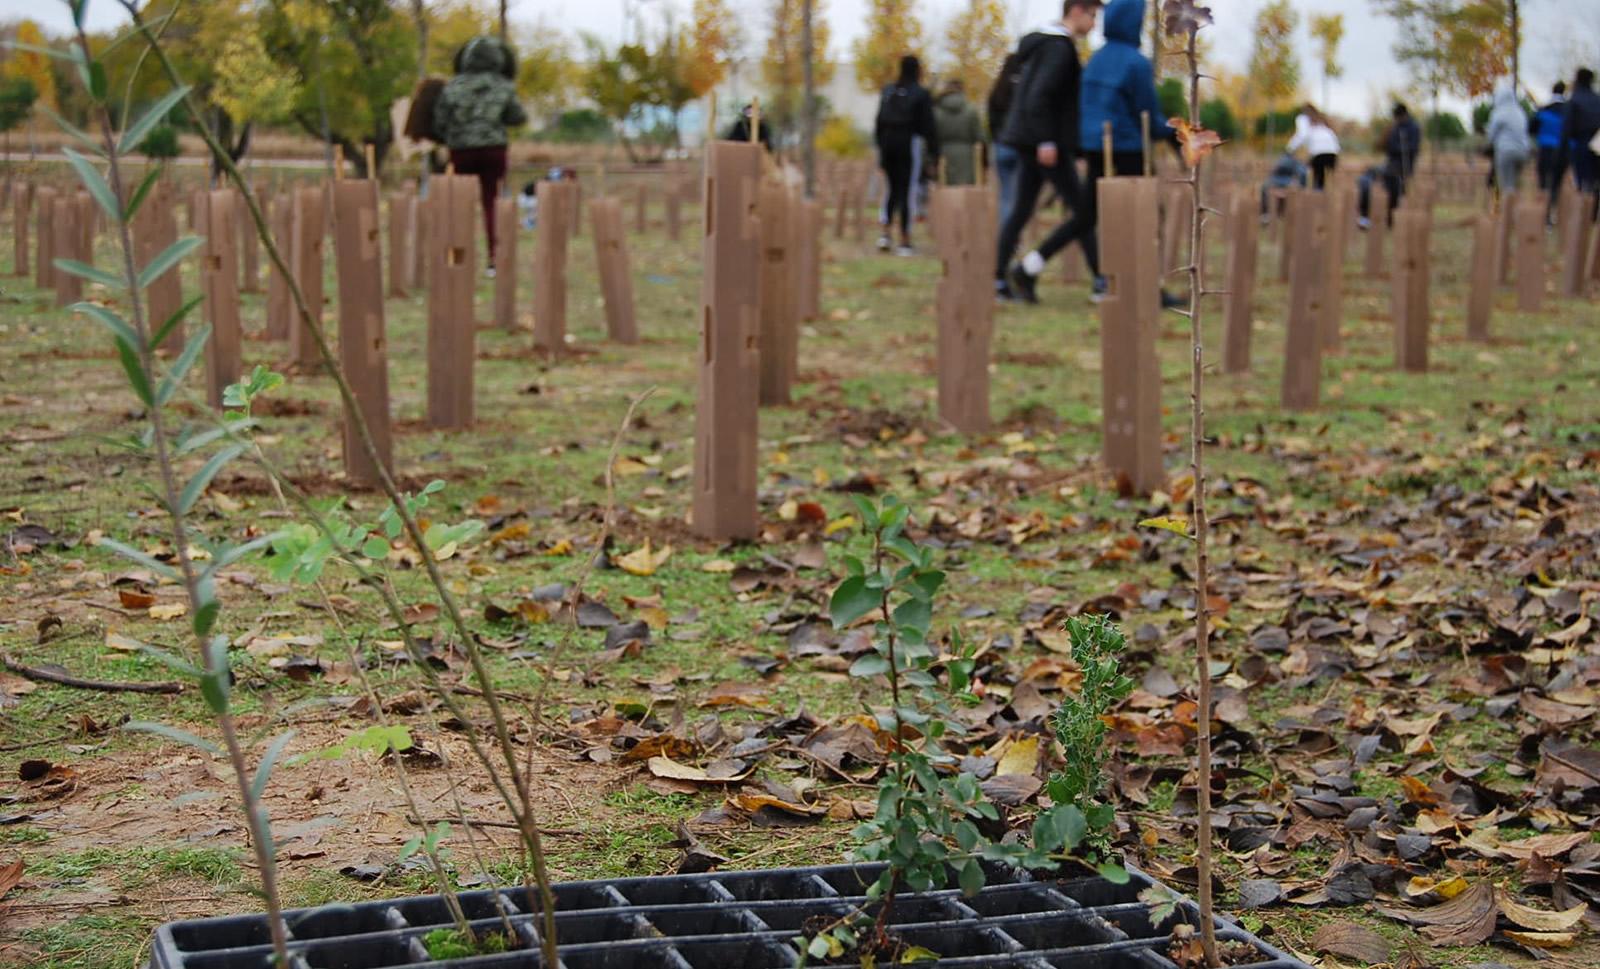 Reforestación, plantaciónde árboles en bosques y parques periurbanos